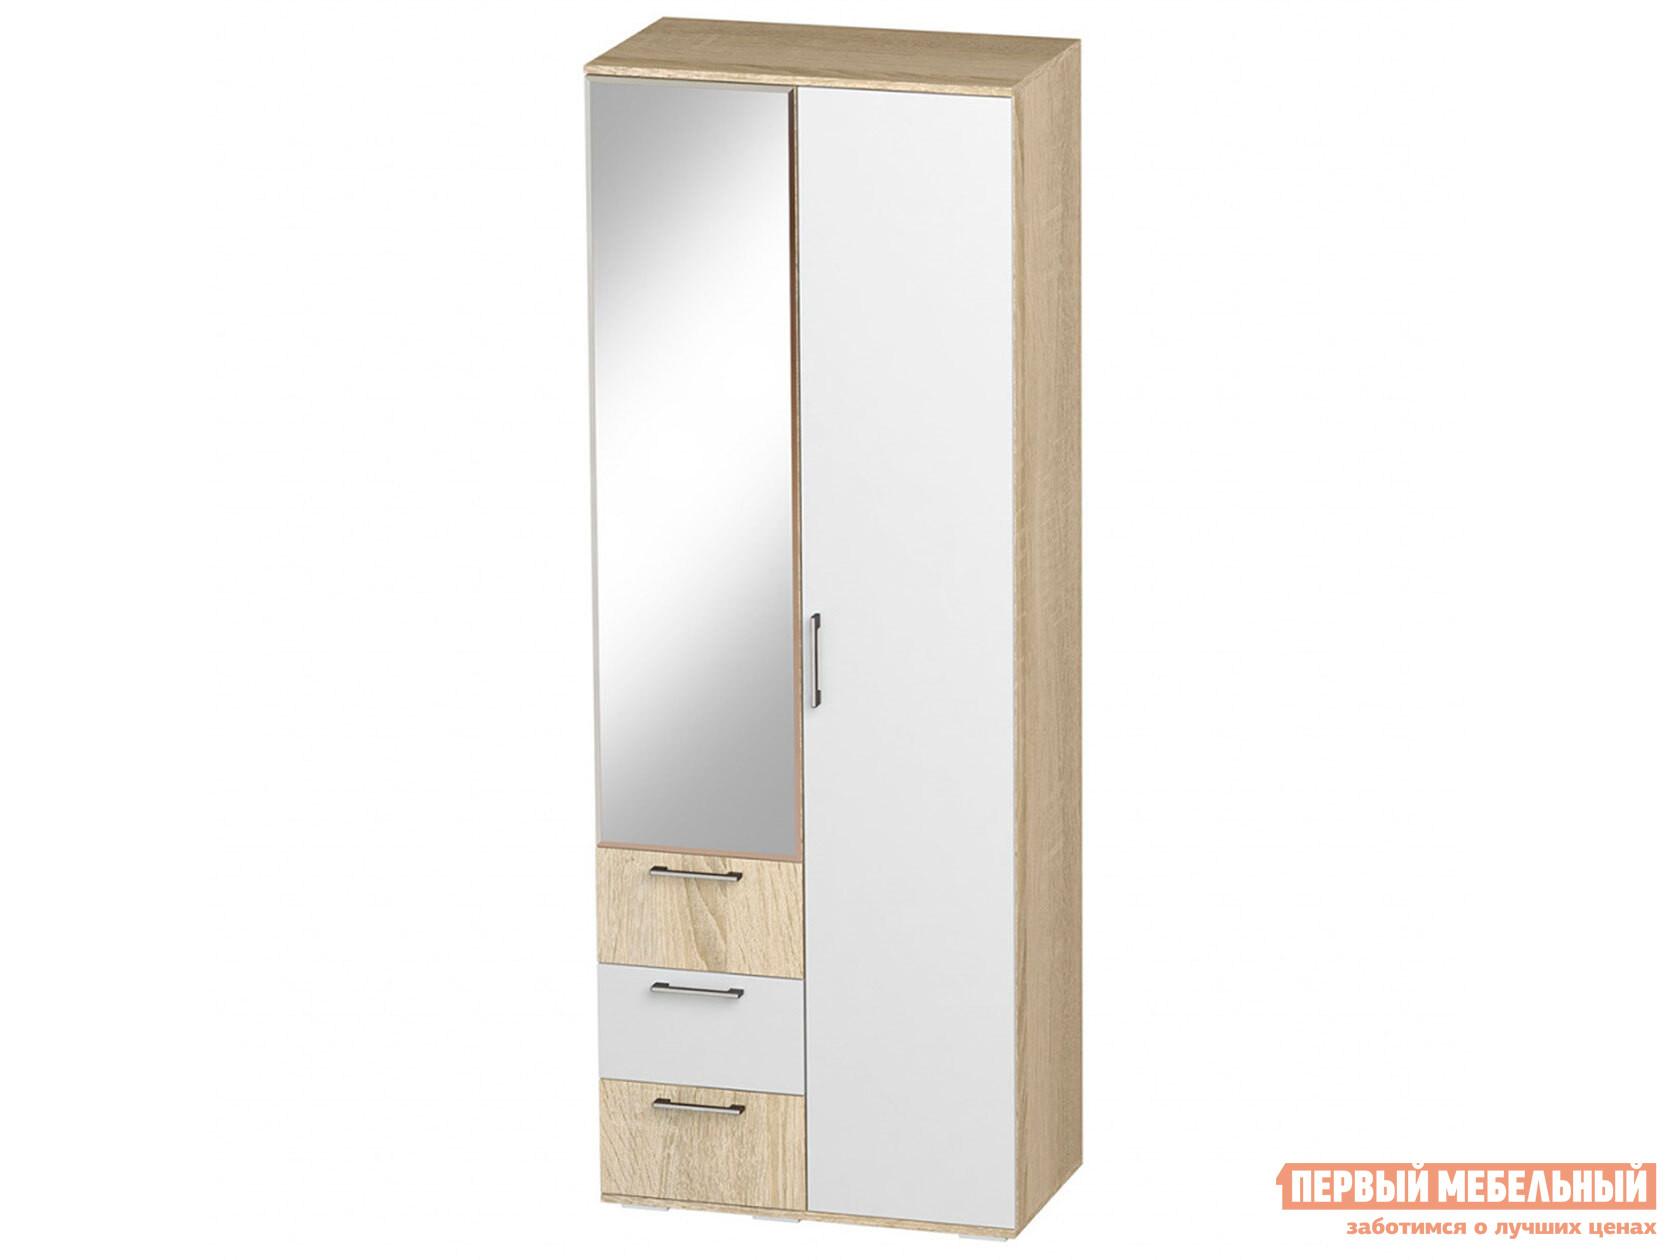 Шкаф распашной Первый Мебельный Белладжио Шкаф двухстворчатый ШК-12 шкаф распашной первый мебельный шкаф двухстворчатый куба 13 136